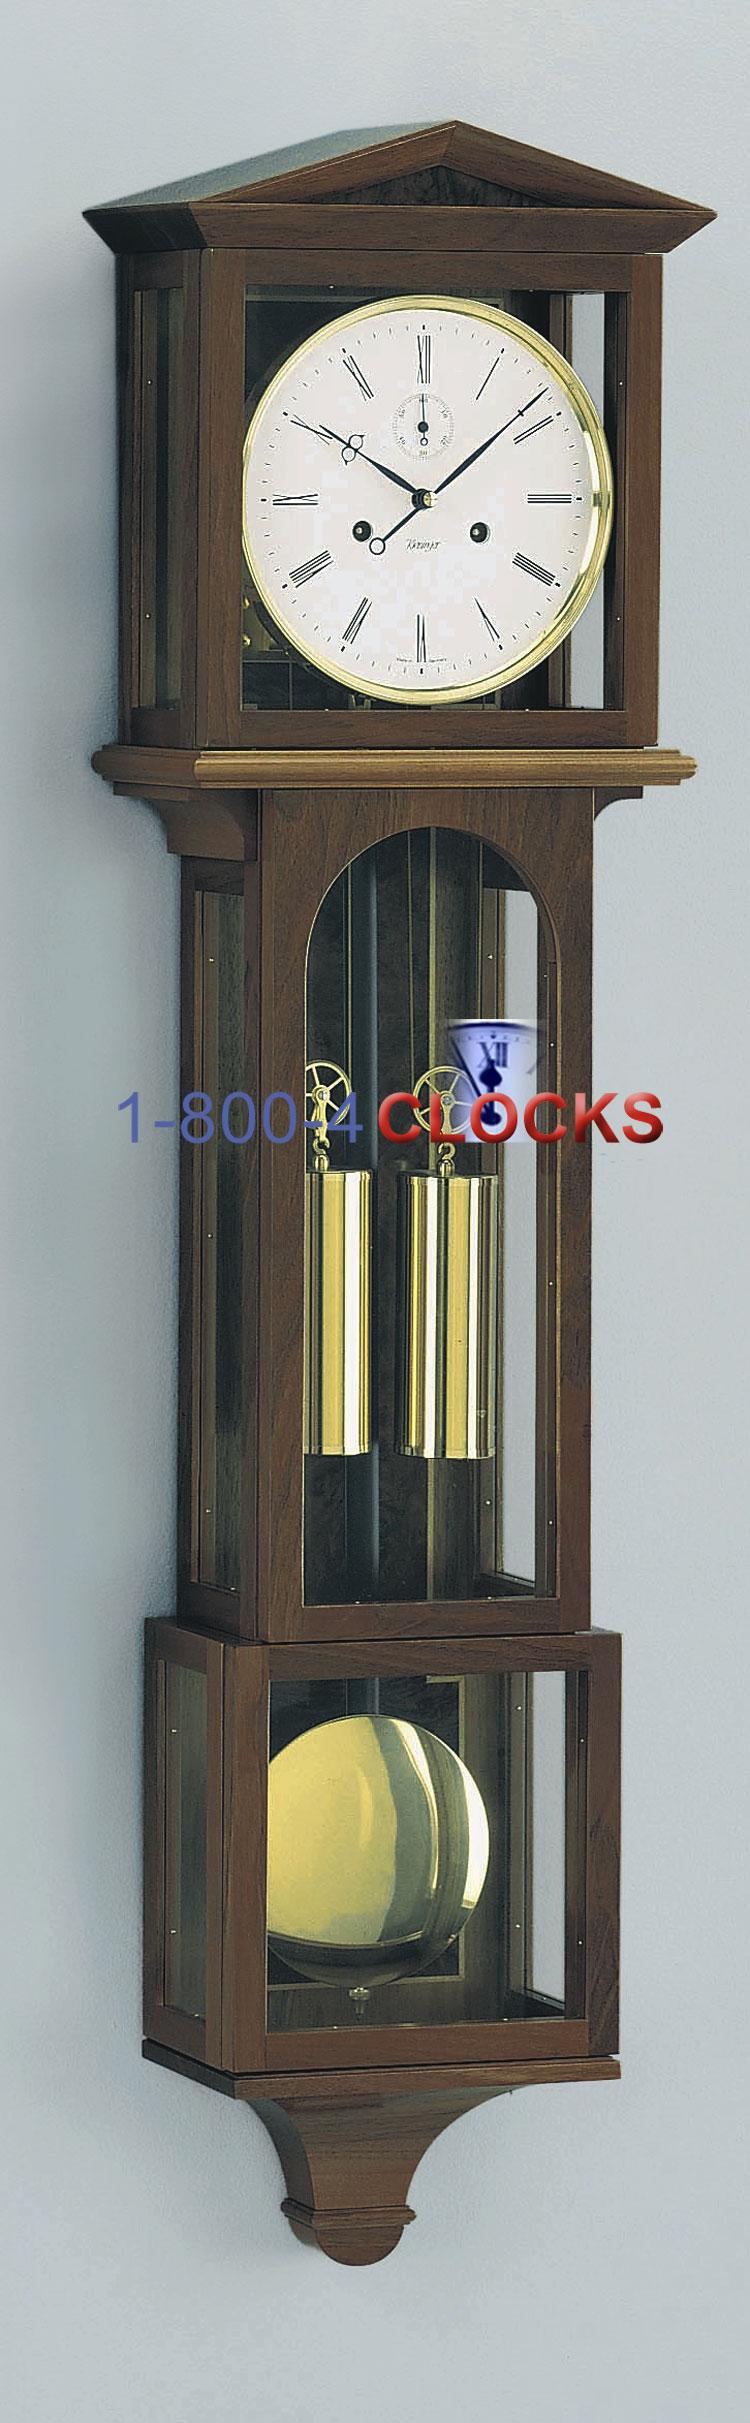 Kieninger wall clock at 1 800 4clocks kieninger wall clock amipublicfo Images